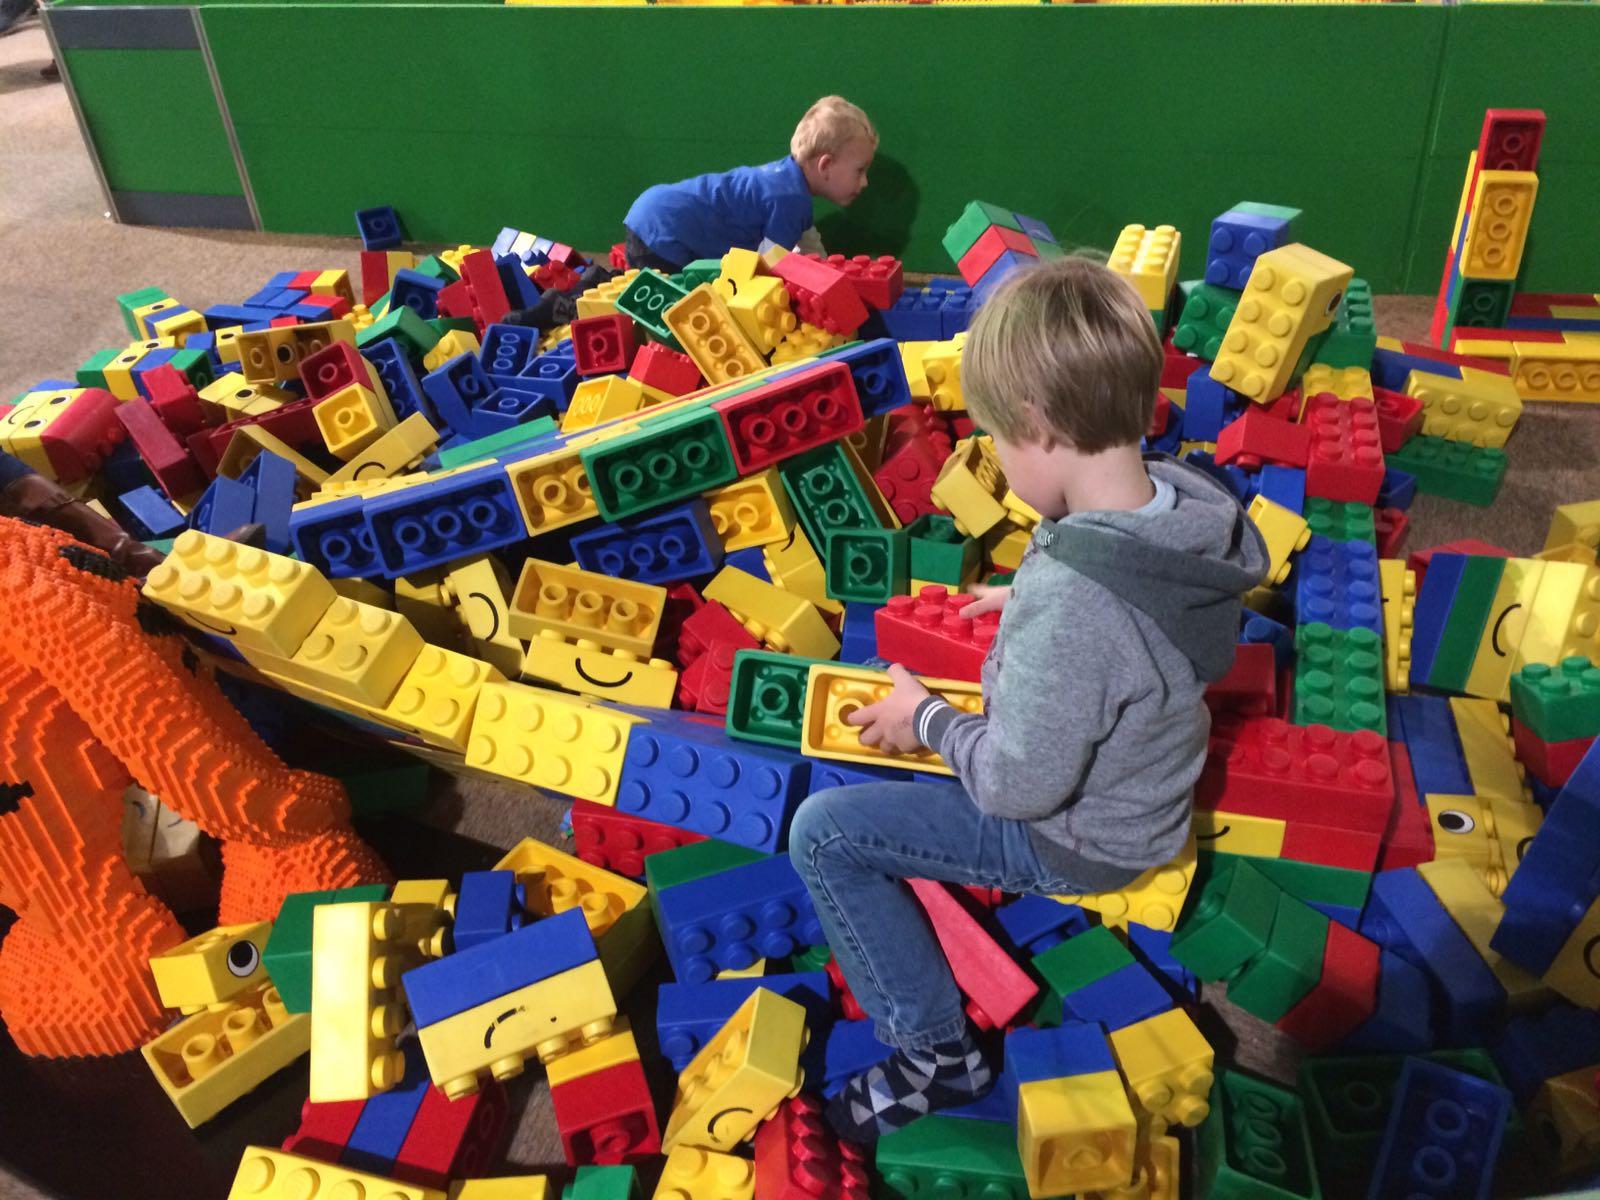 11-17-legoworld-legoland-lego-beurs-vaders-moeders-jongens-bouwen-evenement-vakantie-jaarbeurs-kinderen-activiteit-familie-nanny-moeder-amsterdam-grote-blokken